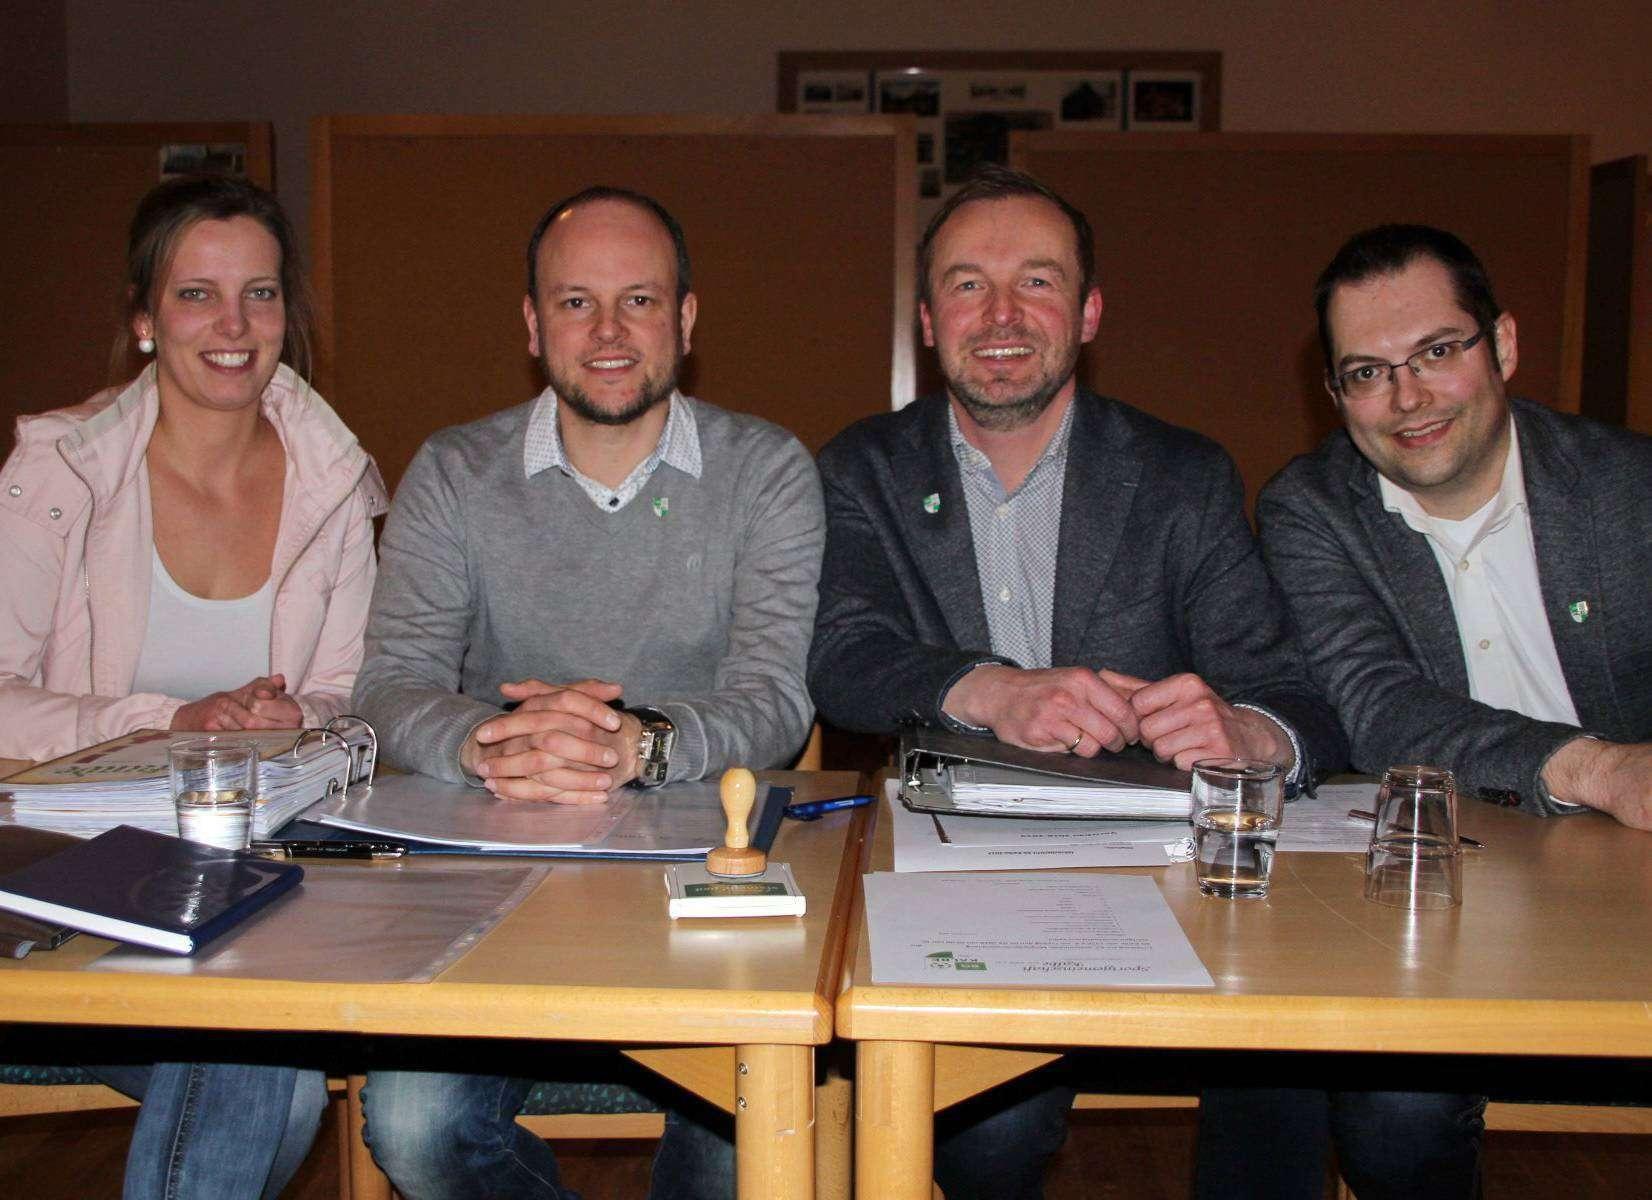 Schriftwartin Wienke Stemmann (von links), Kassenwart Dennis Ilmers, erster Vorsitzender Ralph Brunkhorst und zweiter Vorsitzender Michael Mülle bilden den Vorstand der SG Kalbe.